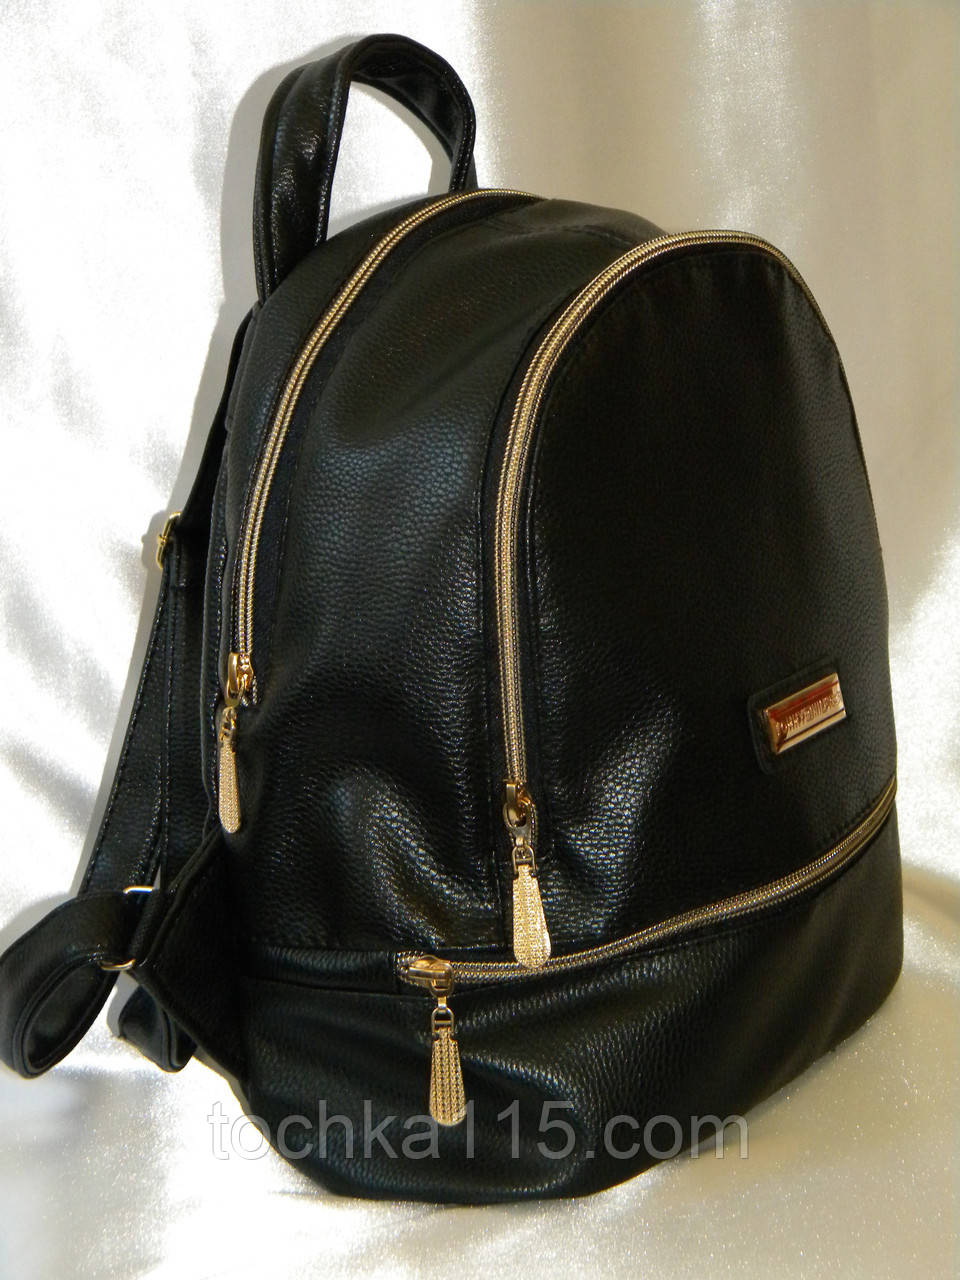 Женский рюкзак кожаный Tommy Hilfiger, женский городской рюкзак черный реплика